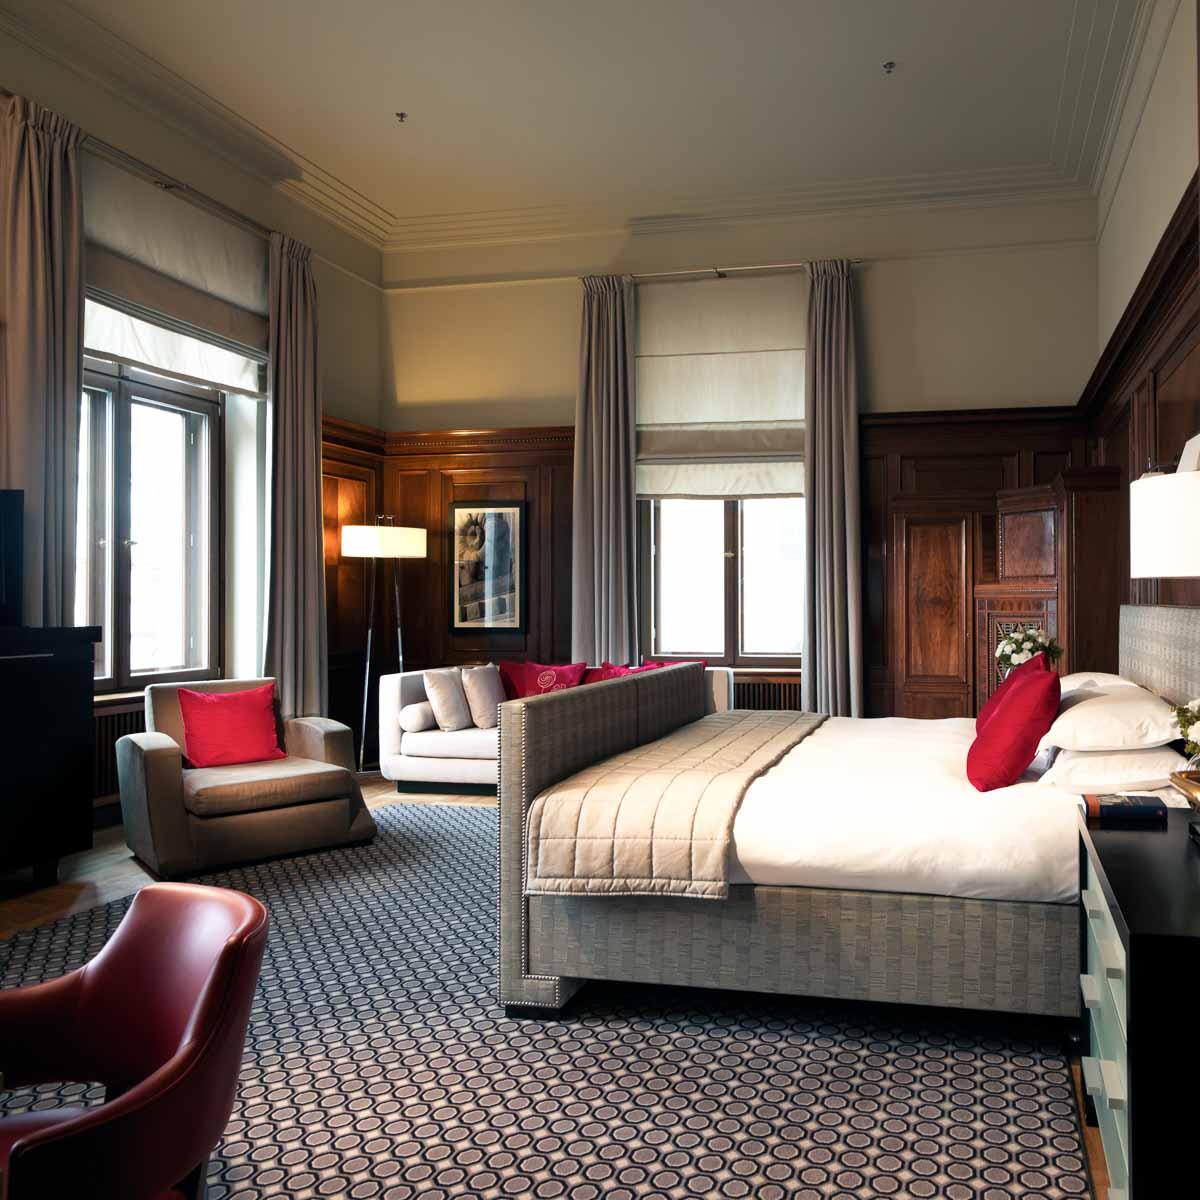 Luxushotel Hotel de Rome Unter den Linden in Berlin-Mitte Suite